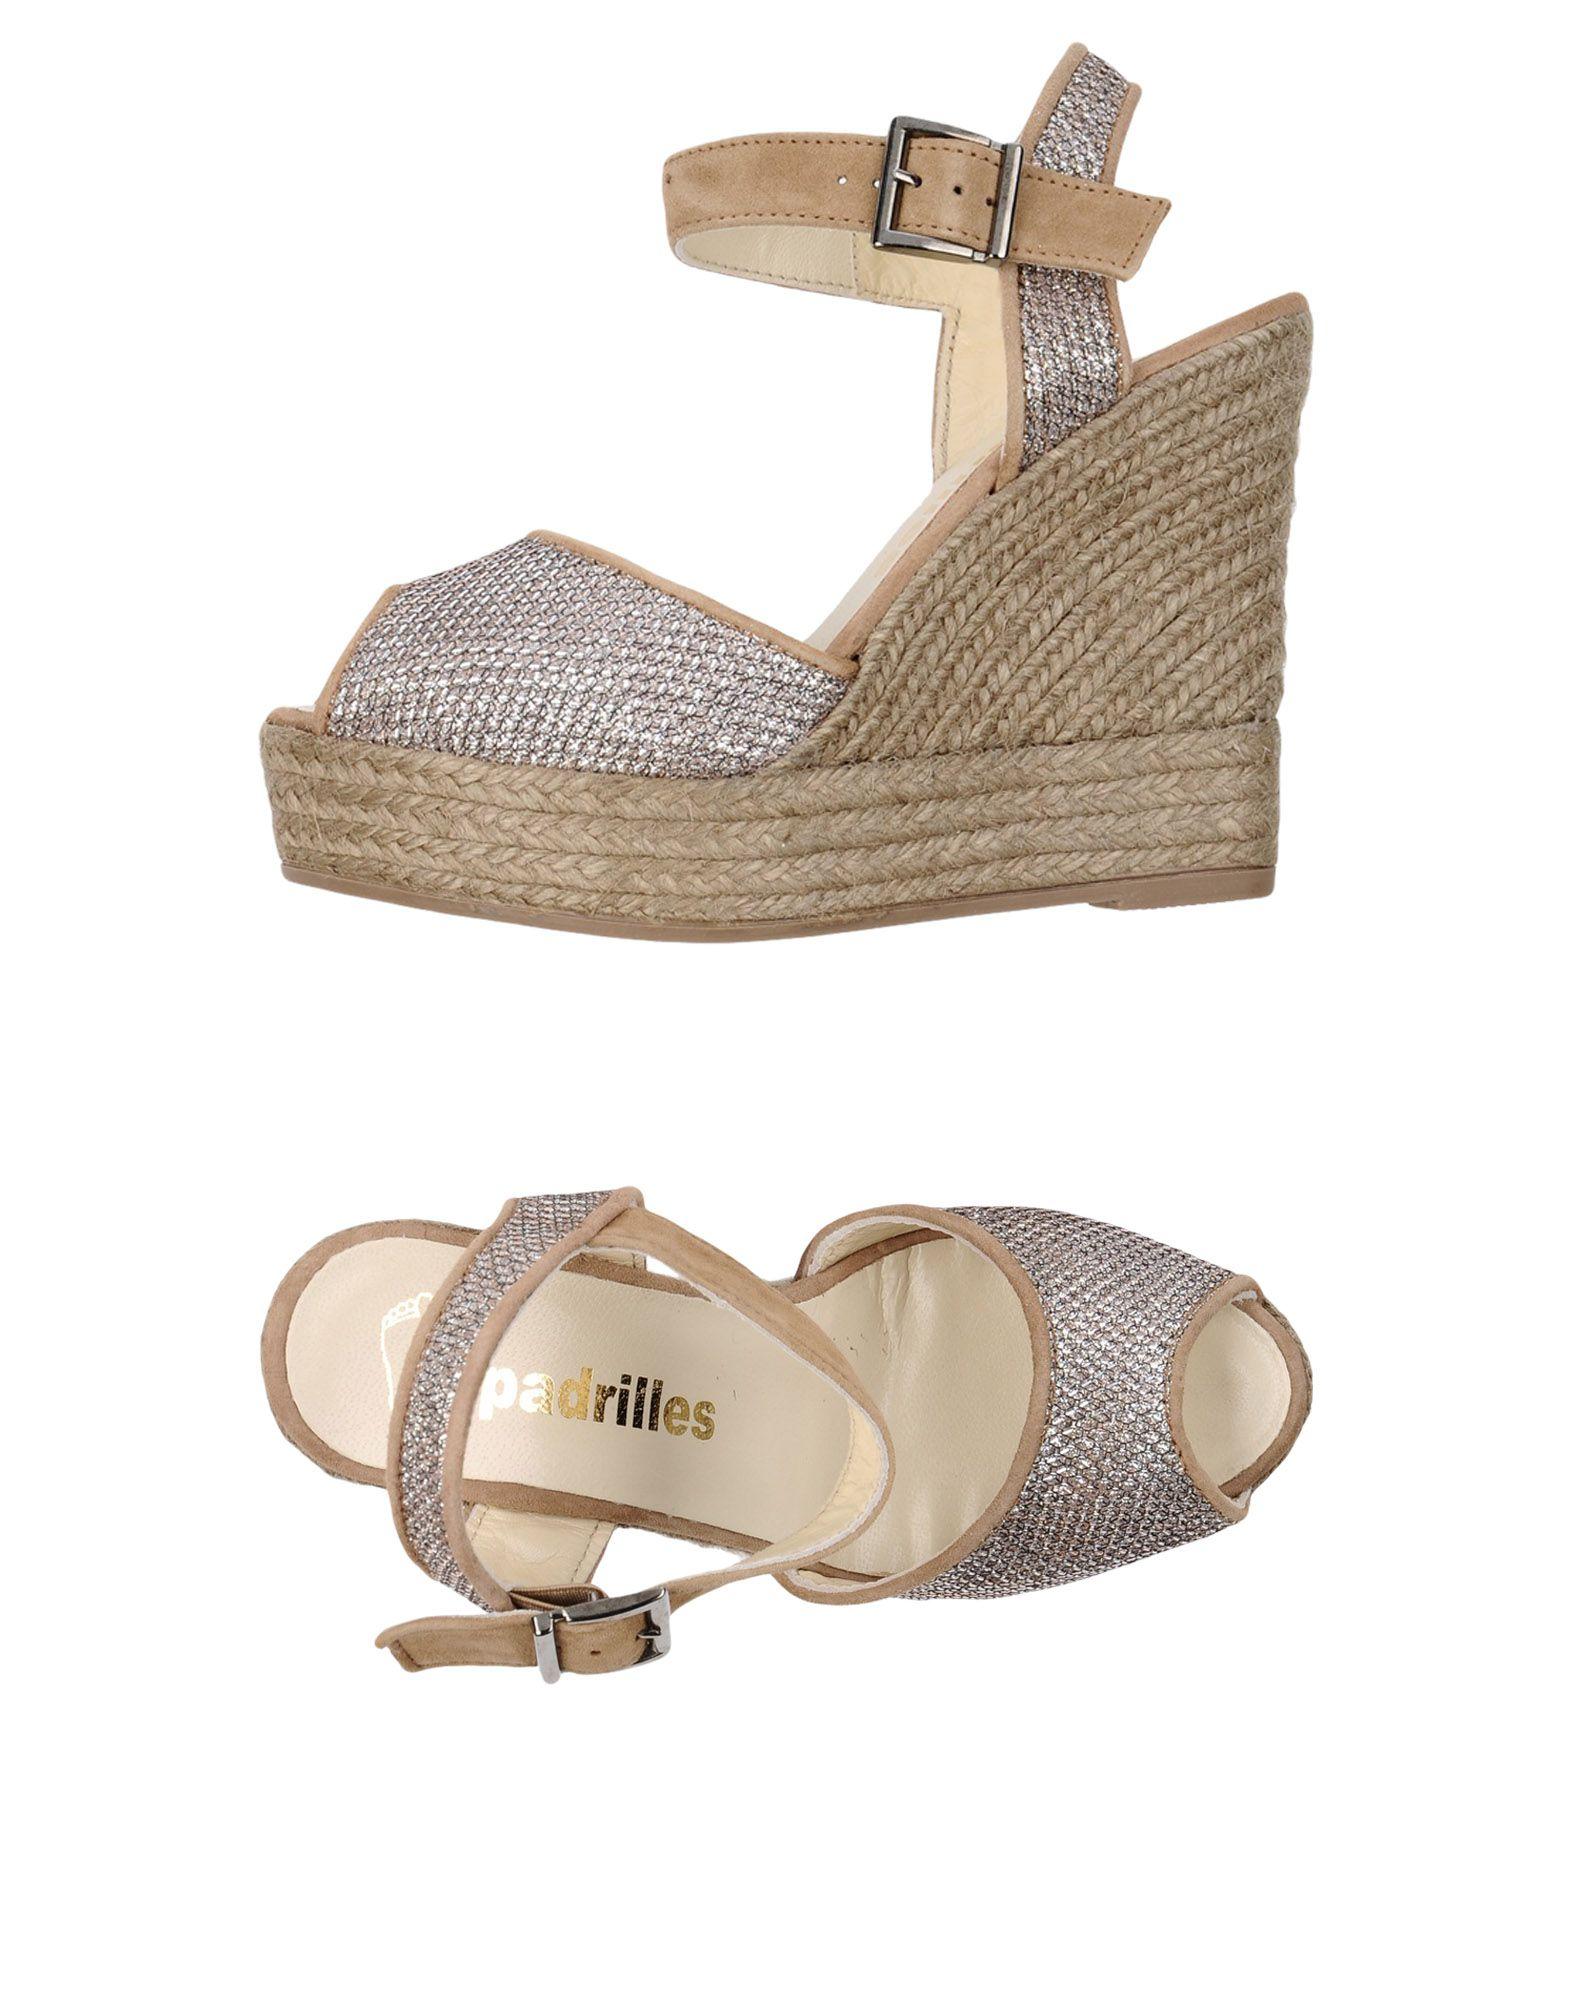 Espadrilles 11341504DJ Sandalen Damen 11341504DJ Espadrilles Gute Qualität beliebte Schuhe a8092e